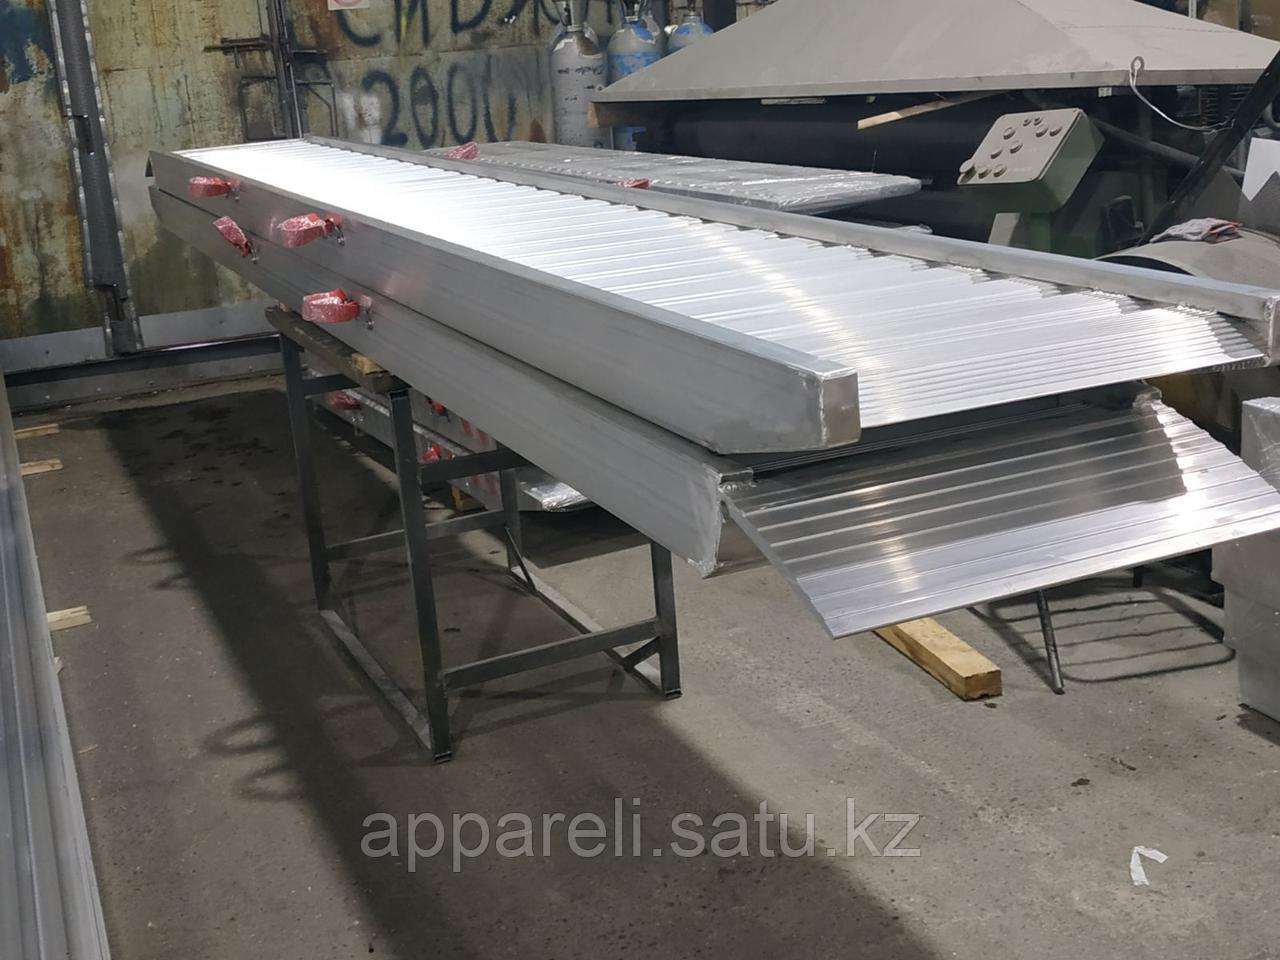 Алюминиевые сходни от производителя (трап, аппарель) 10 тонн